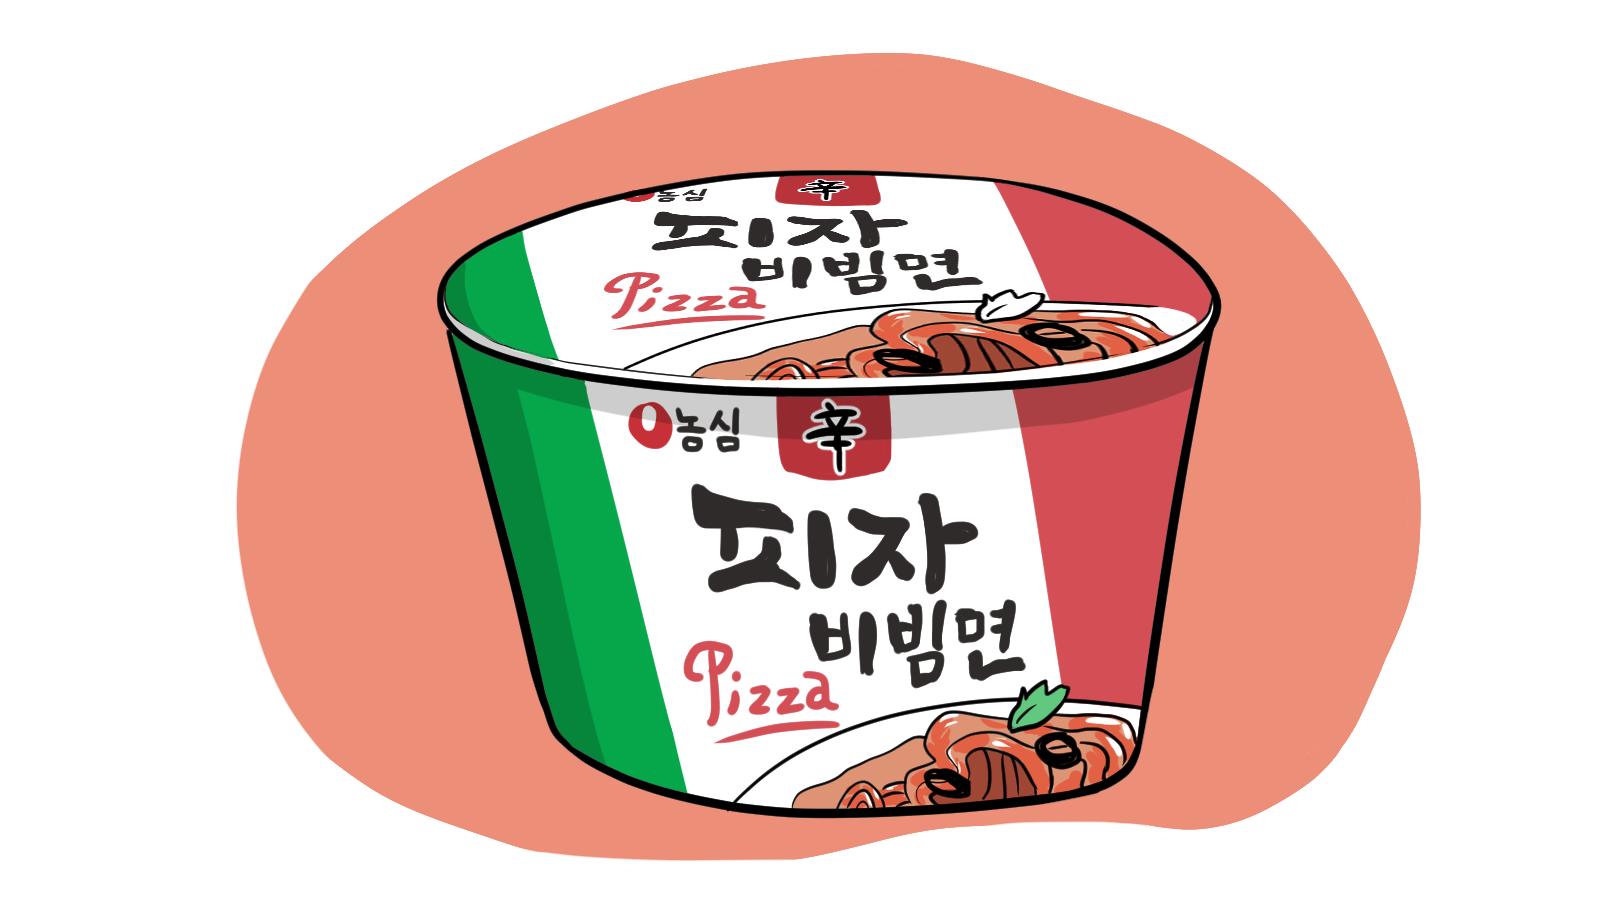 Pizza-flavored ramen